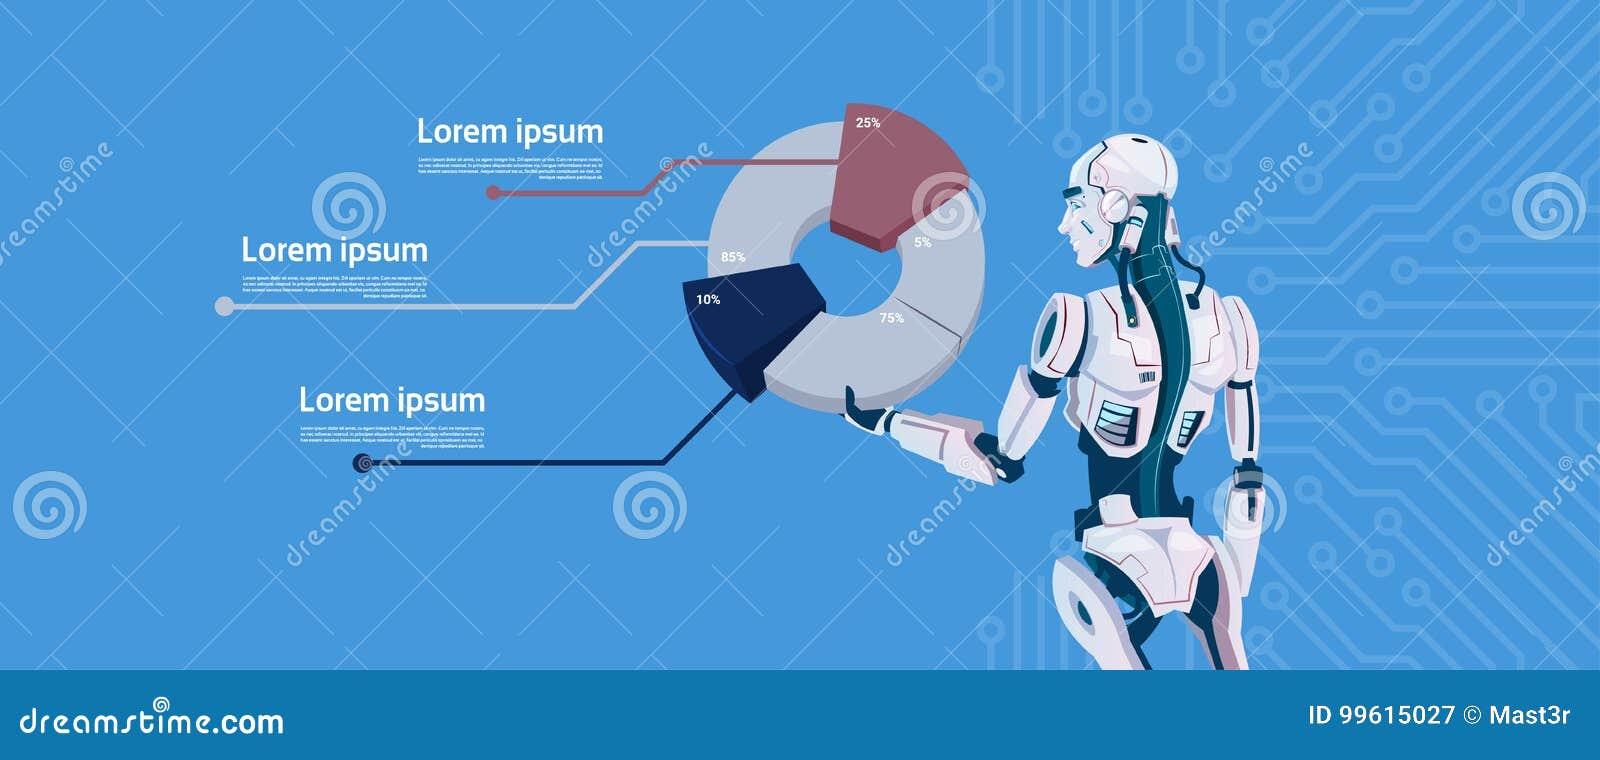 Moderner Roboter-Griff-grafisches Diagramm, futuristische künstliche Intelligenz-Mechanismus-Technologie